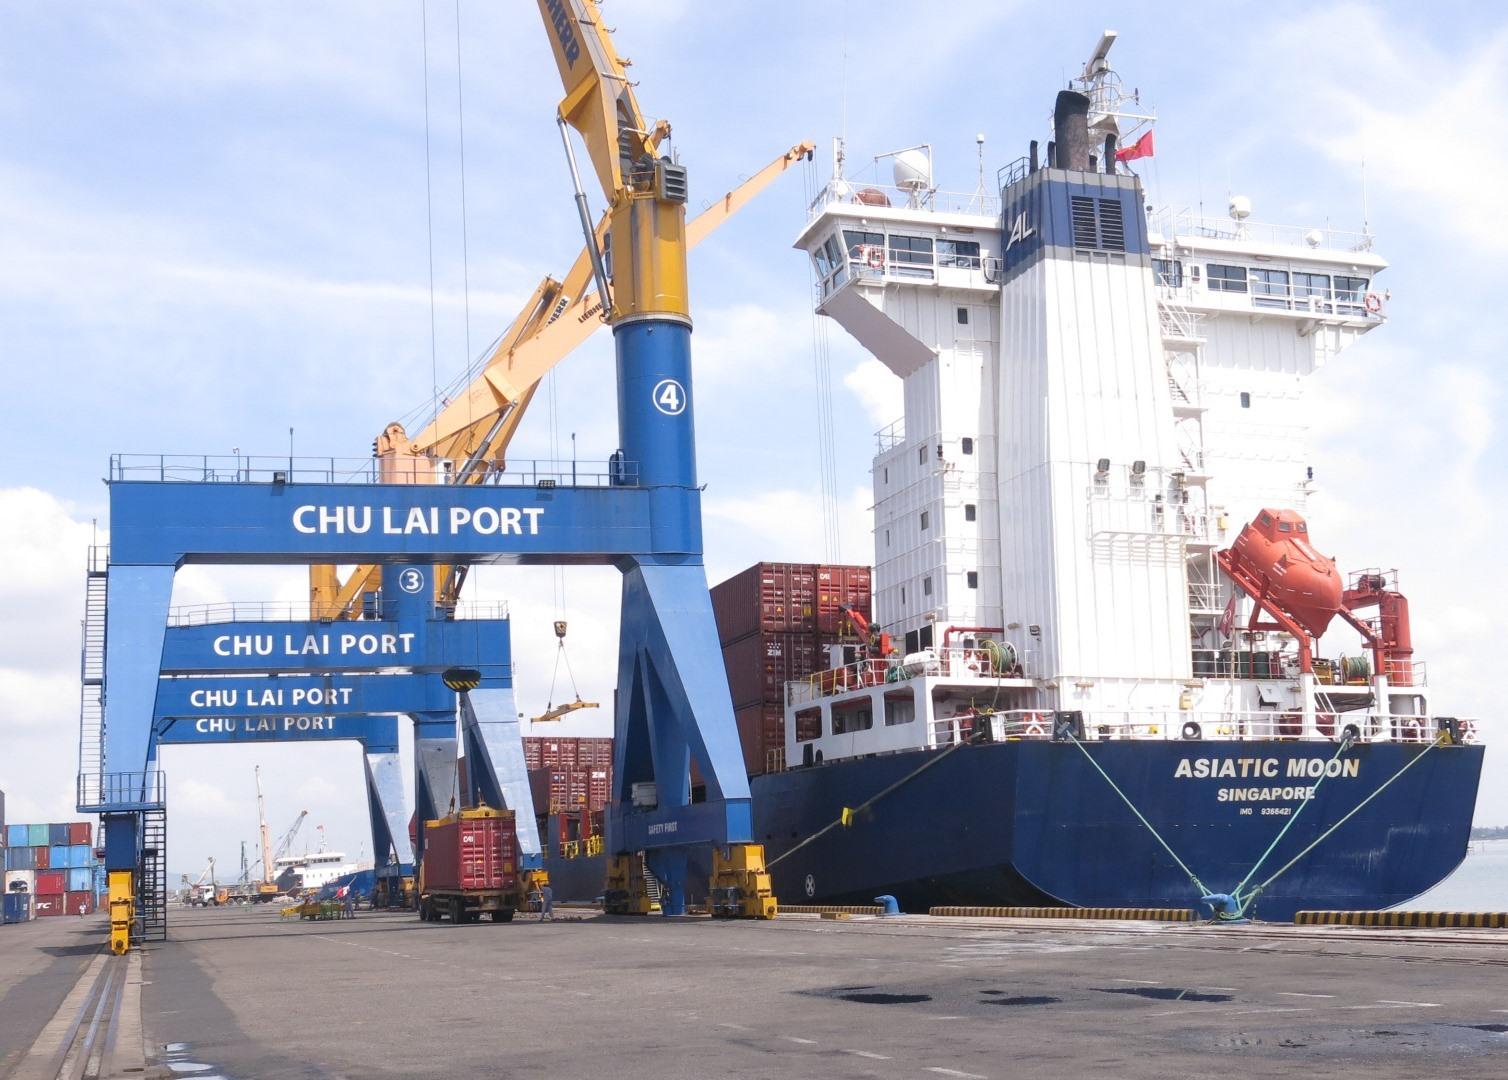 At Chu Lai port, Quang Nam